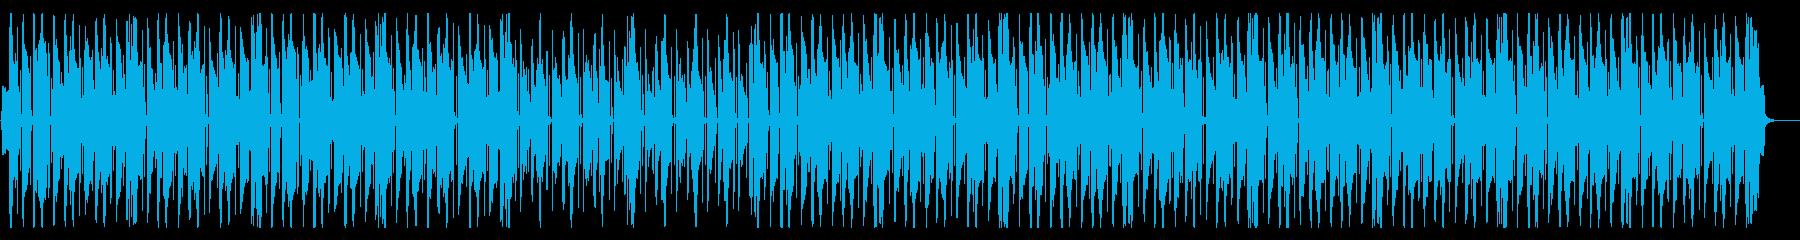 いつもの生活に一つのBGMをの再生済みの波形